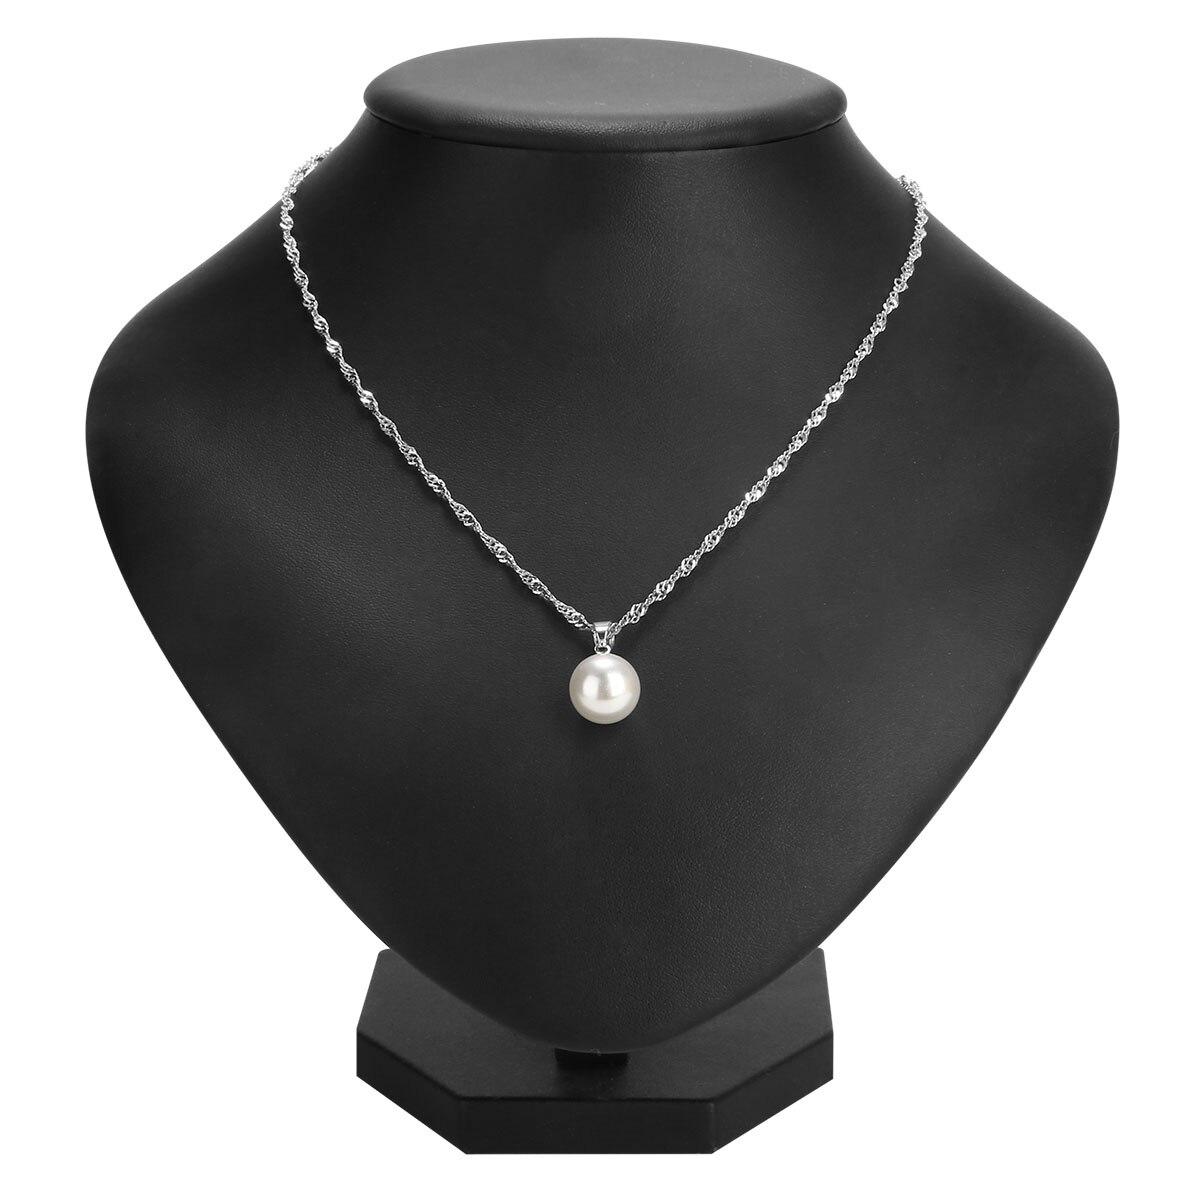 Винтажное жемчужное ожерелье с цепочкой Love Wish, Shellhard, белое ожерелье с имитацией жемчуга, ожерелье с подвеской в виде капли Oyster для женщин, ювелирное изделие